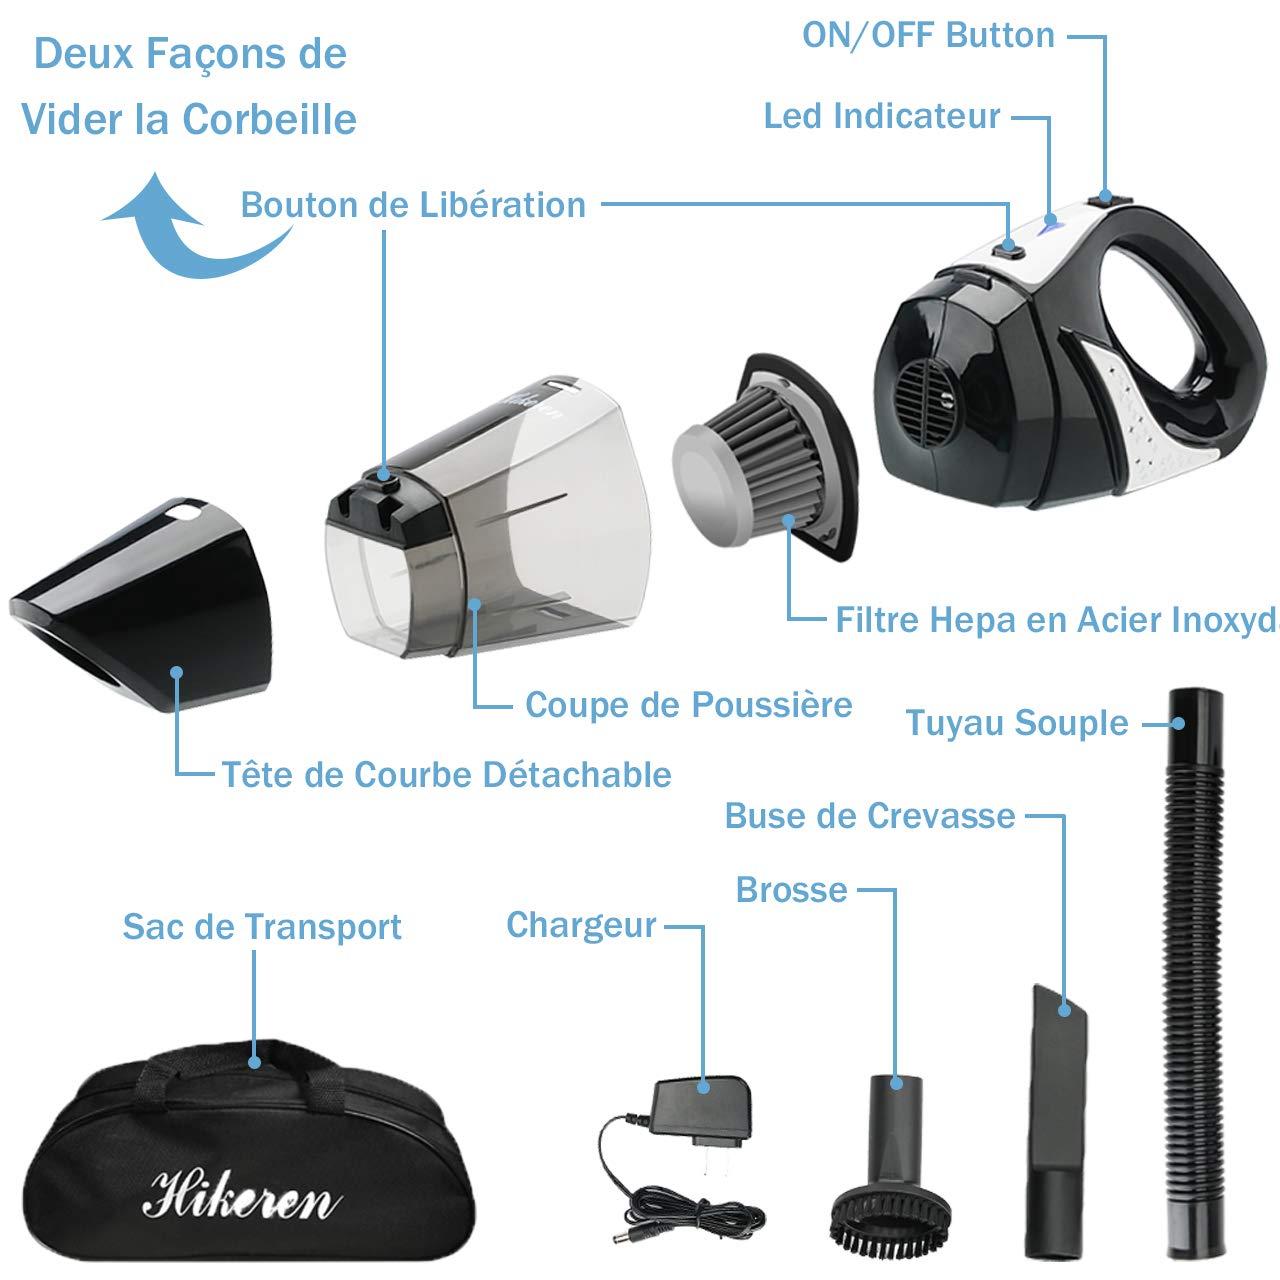 Hikeren - Aspirador de mano inalámbrico, portátil, recargable, 100 W, aspirador doméstico, ligero y potente con 3 boquillas, para casa, coche, mesa, en húmedo y seco: Amazon.es: Hogar